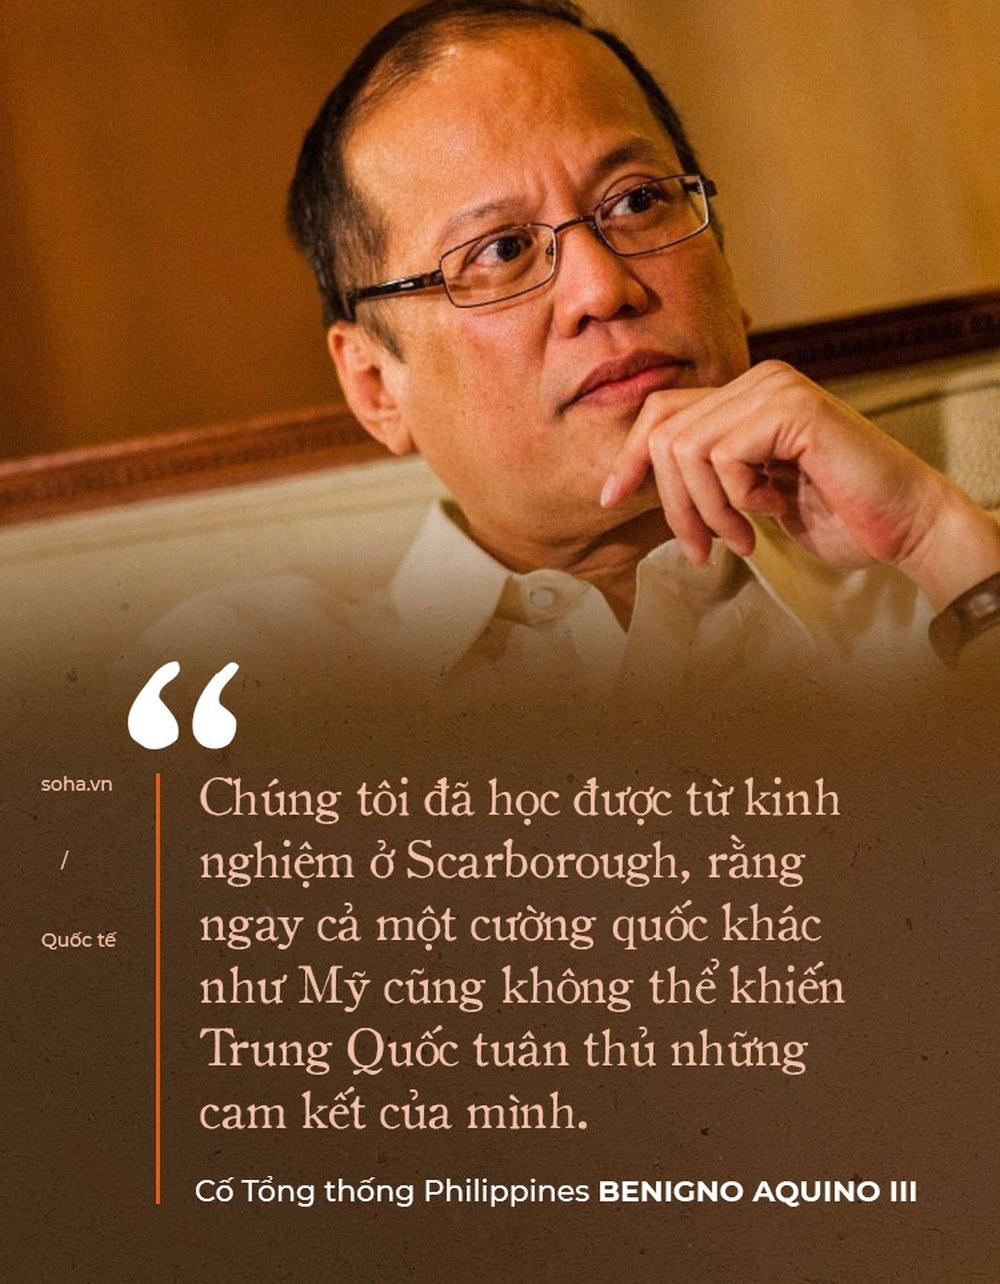 Aquino - vị Tổng thống dám đưa Trung Quốc ra tòa và chuyện vượt qua nỗi sợ người khổng lồ - Ảnh 3.